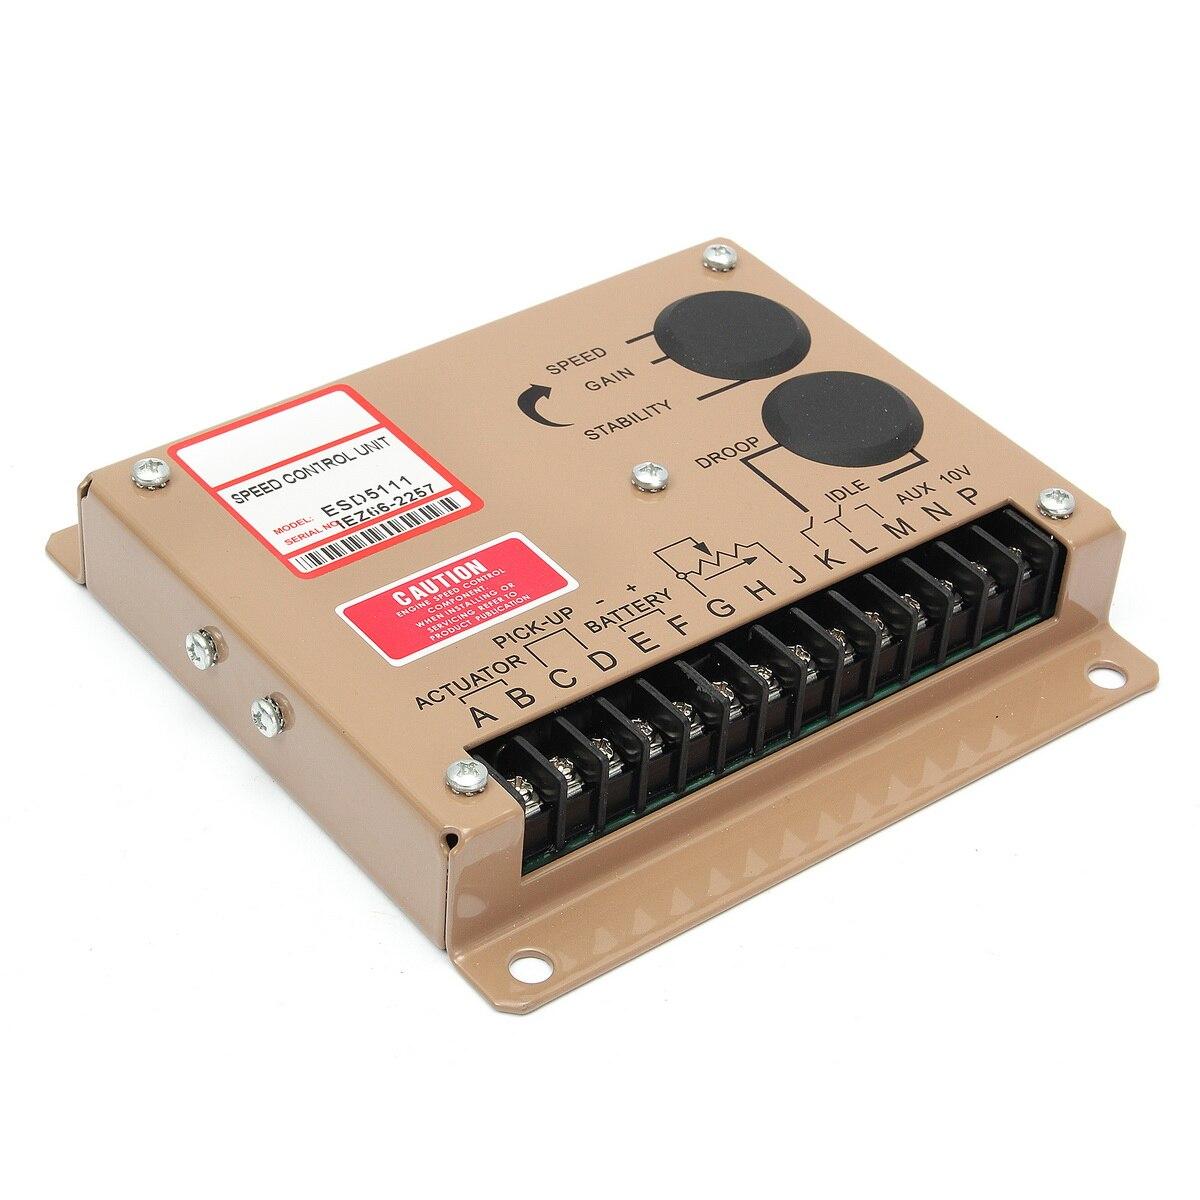 Contrôleur électronique d'unité de régulateur de vitesse de moteur pour pièces de groupe électrogène Diesel ESD5111 Instructions en anglais - 3